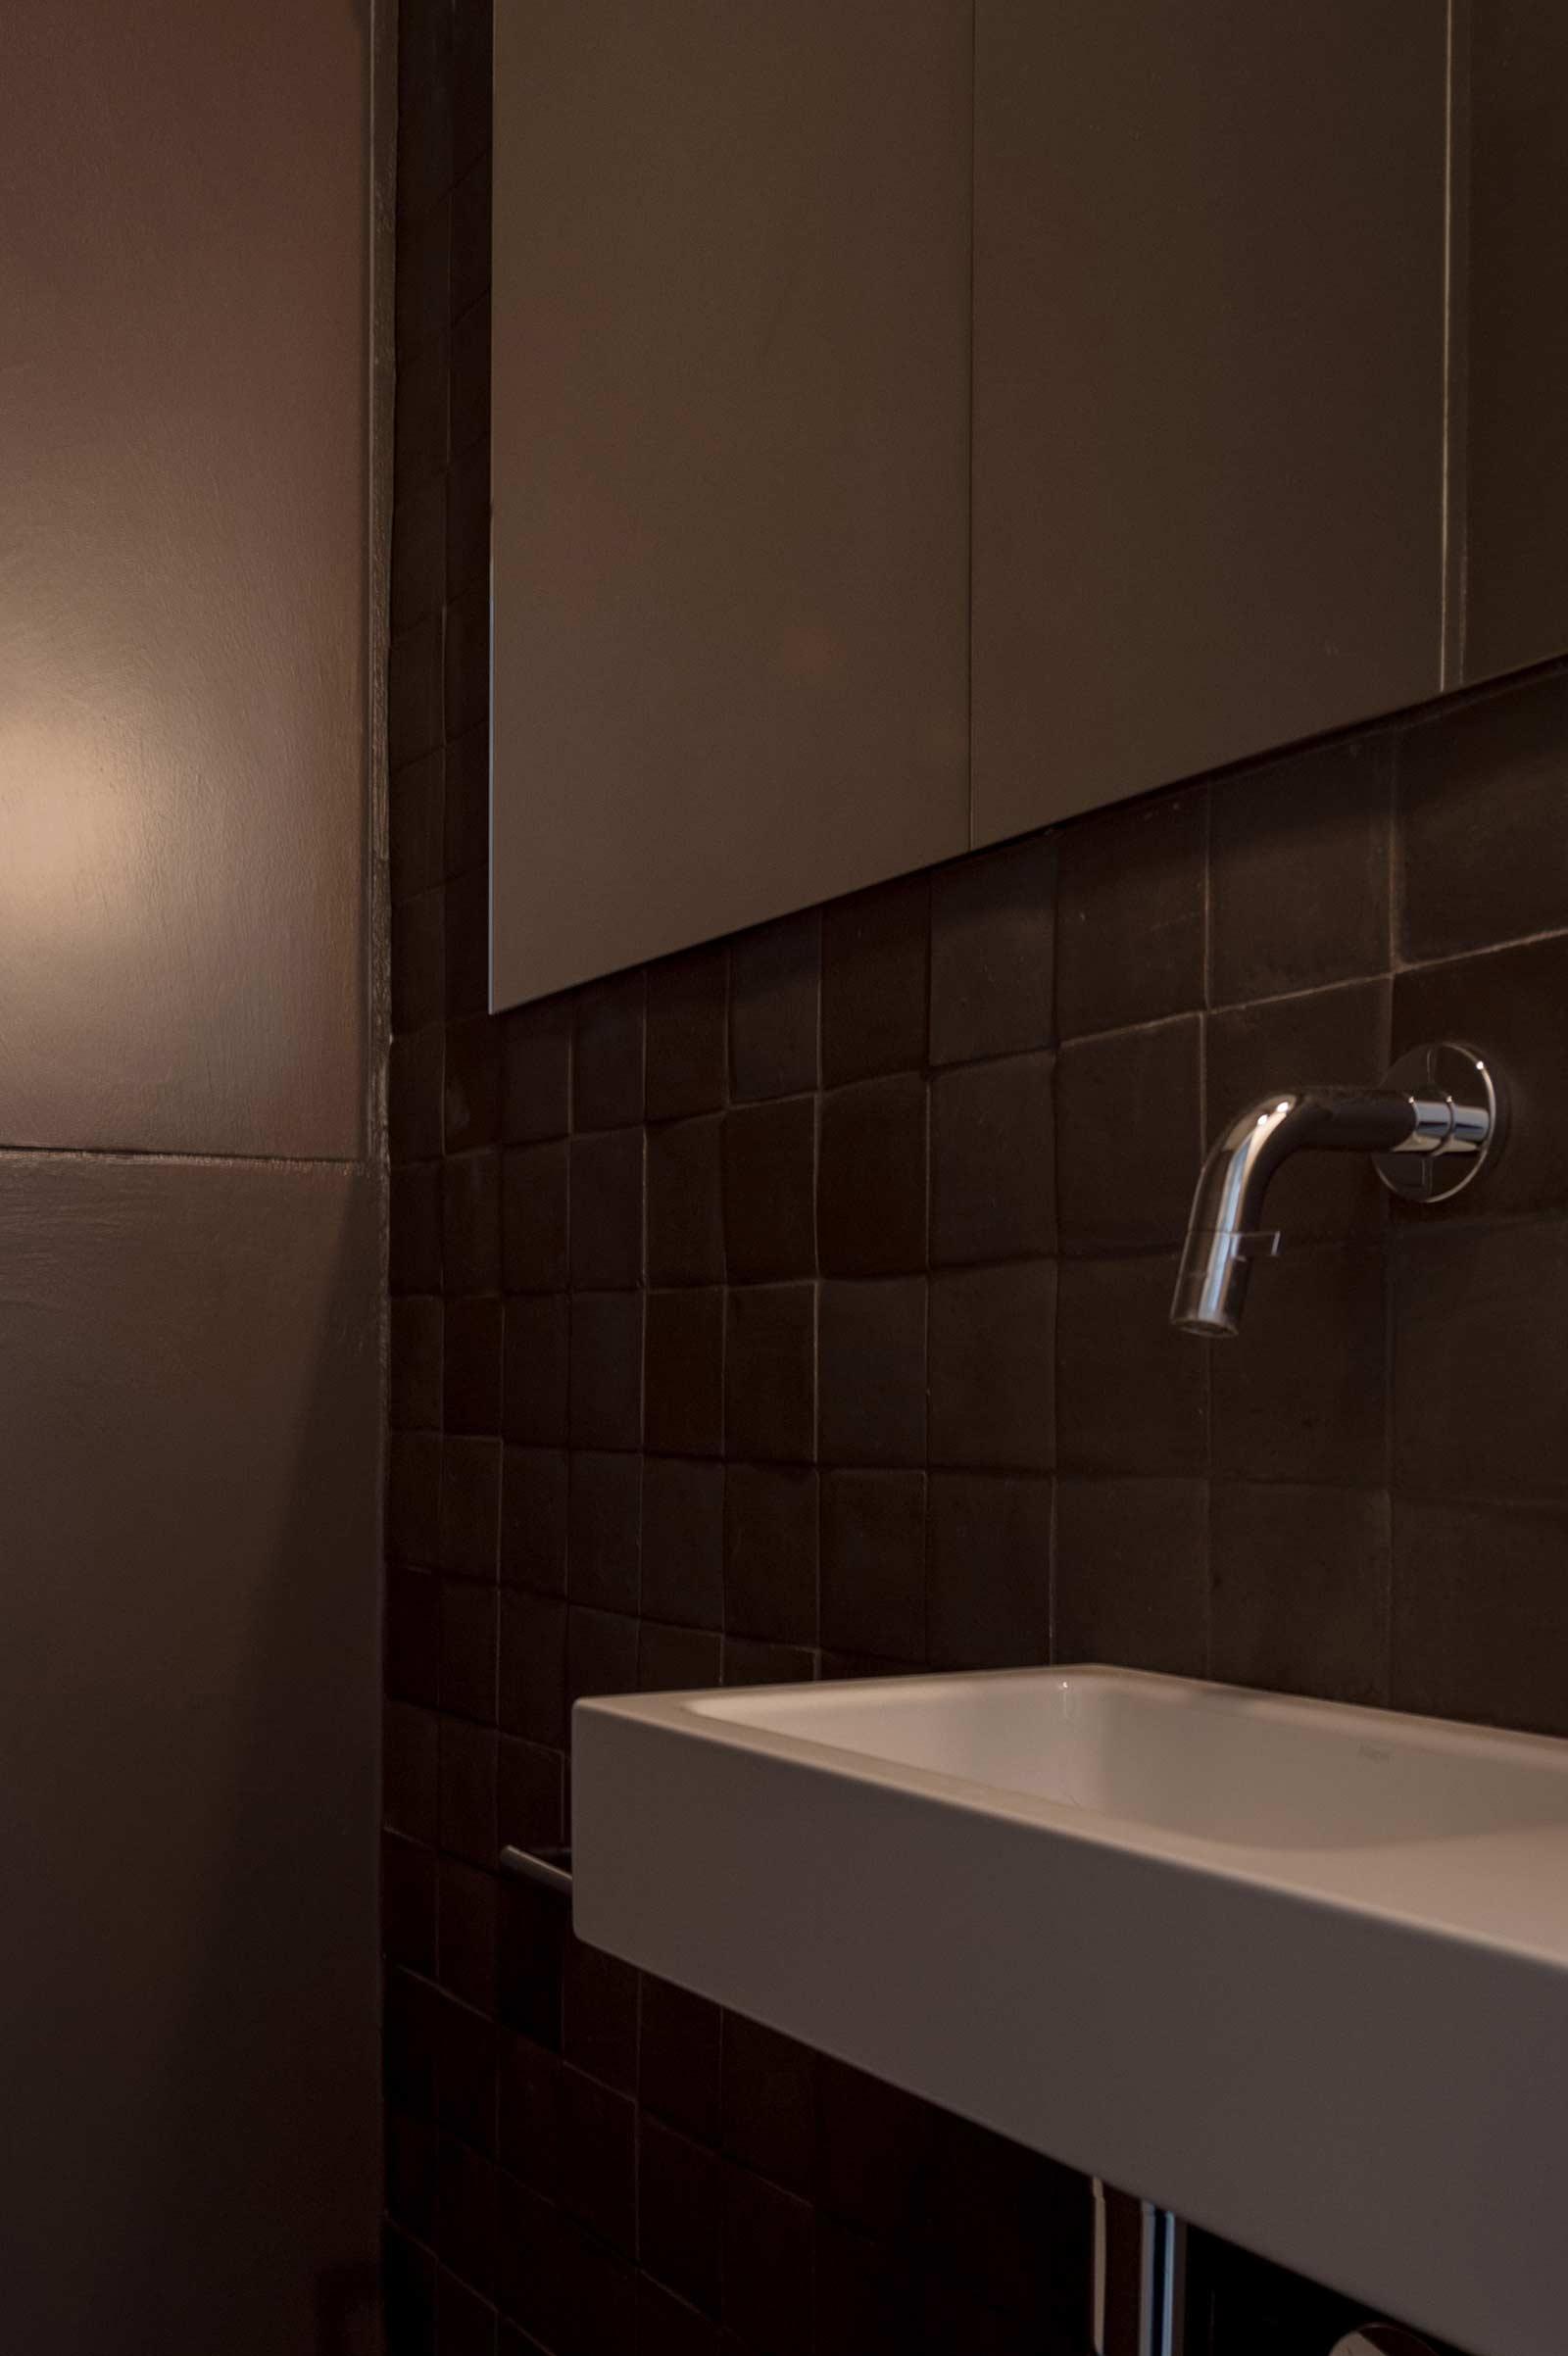 Studio Tolleneer - Office Antwerpen - Rijkswachtkazerne - Domenico Mori tegels tiles